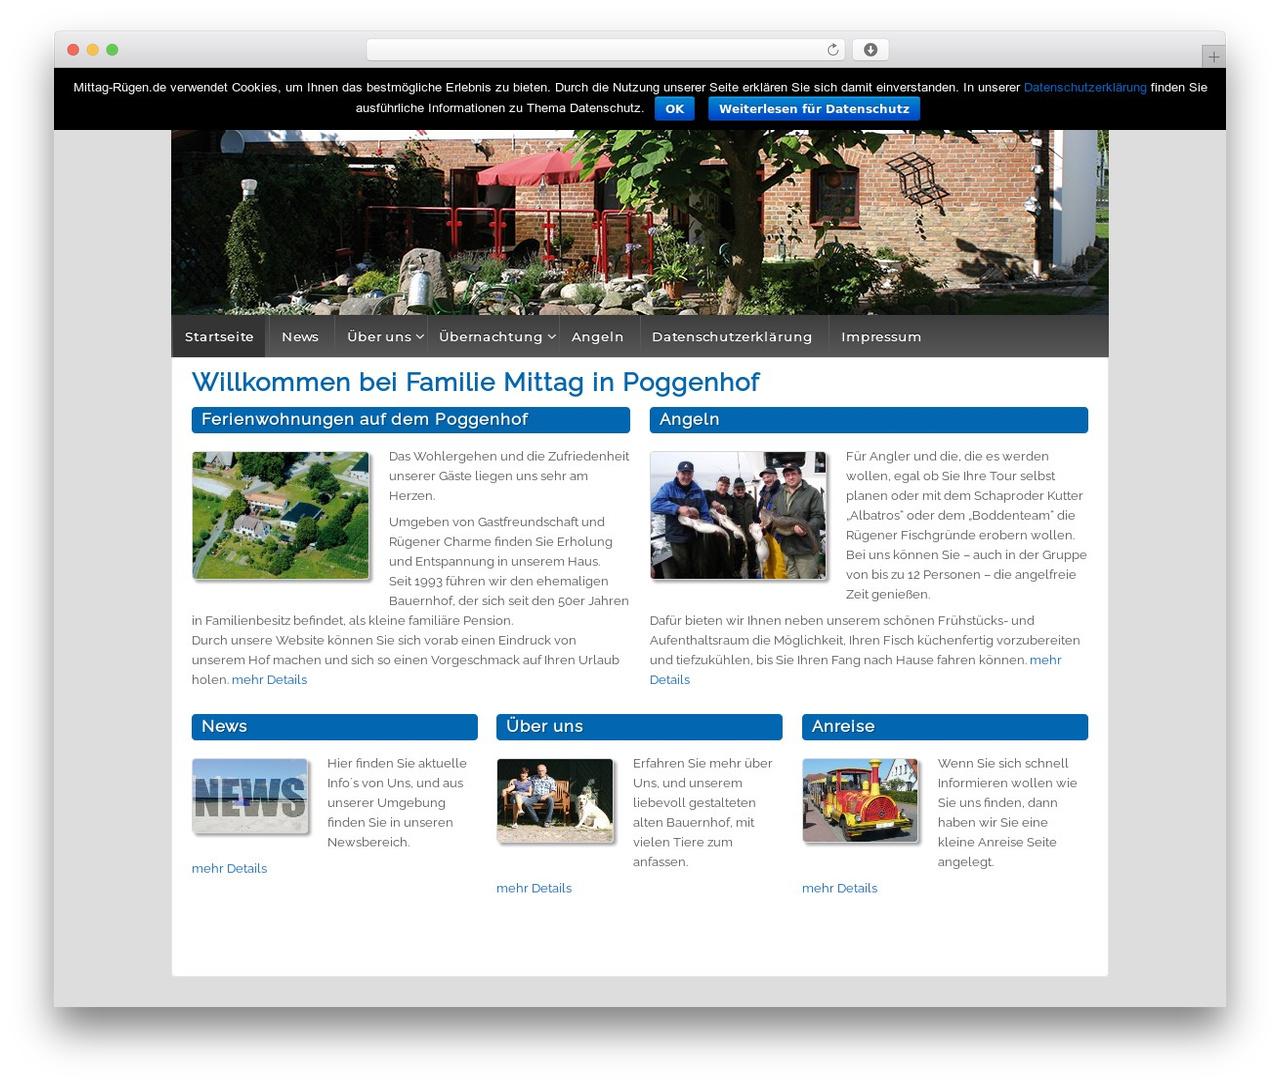 Responsive WordPress theme - mittag-ruegen.de